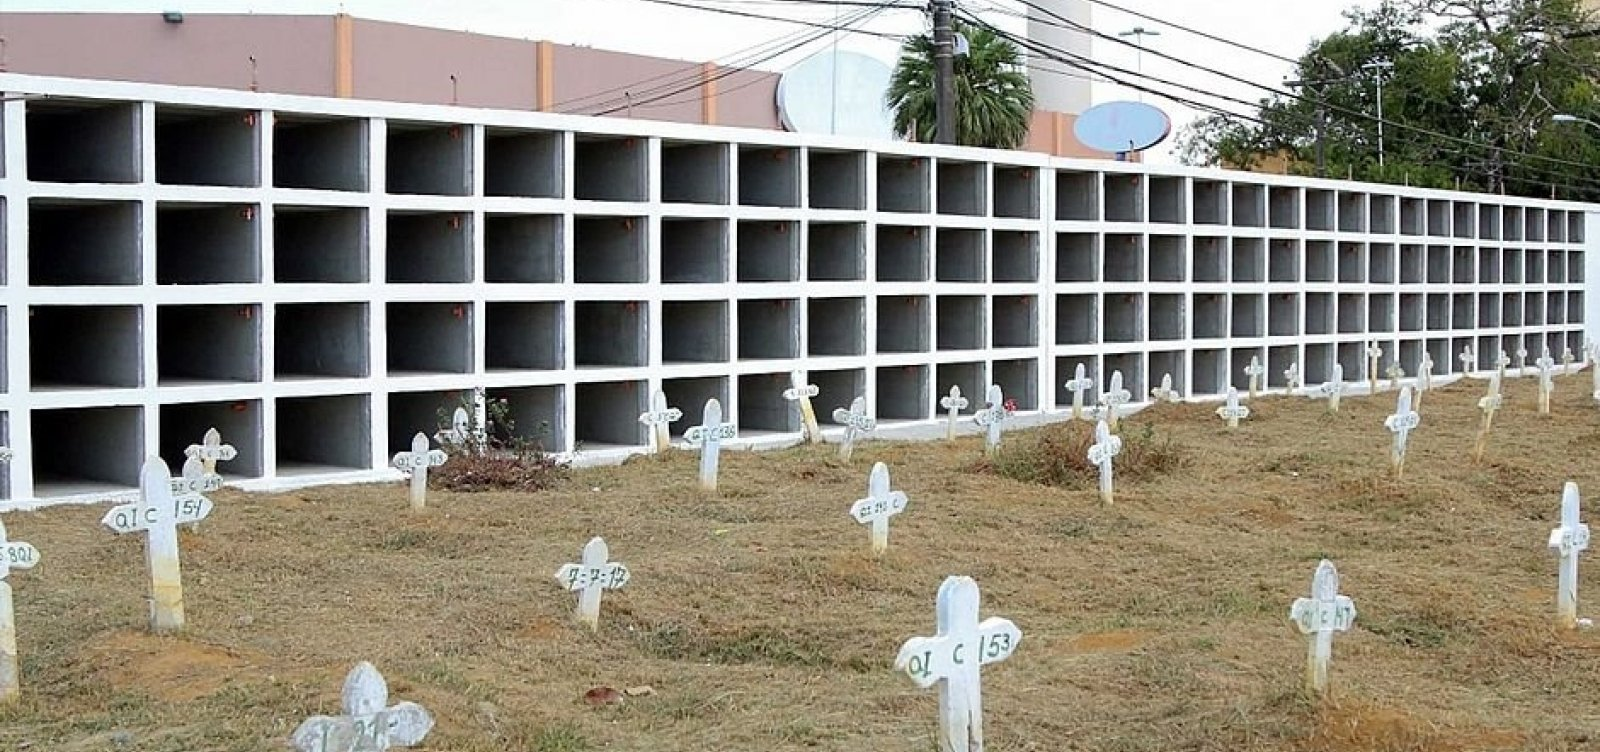 [Coronavírus: Salvador registra em junho mais de 10 sepultamentos diários em cemitérios municipais]